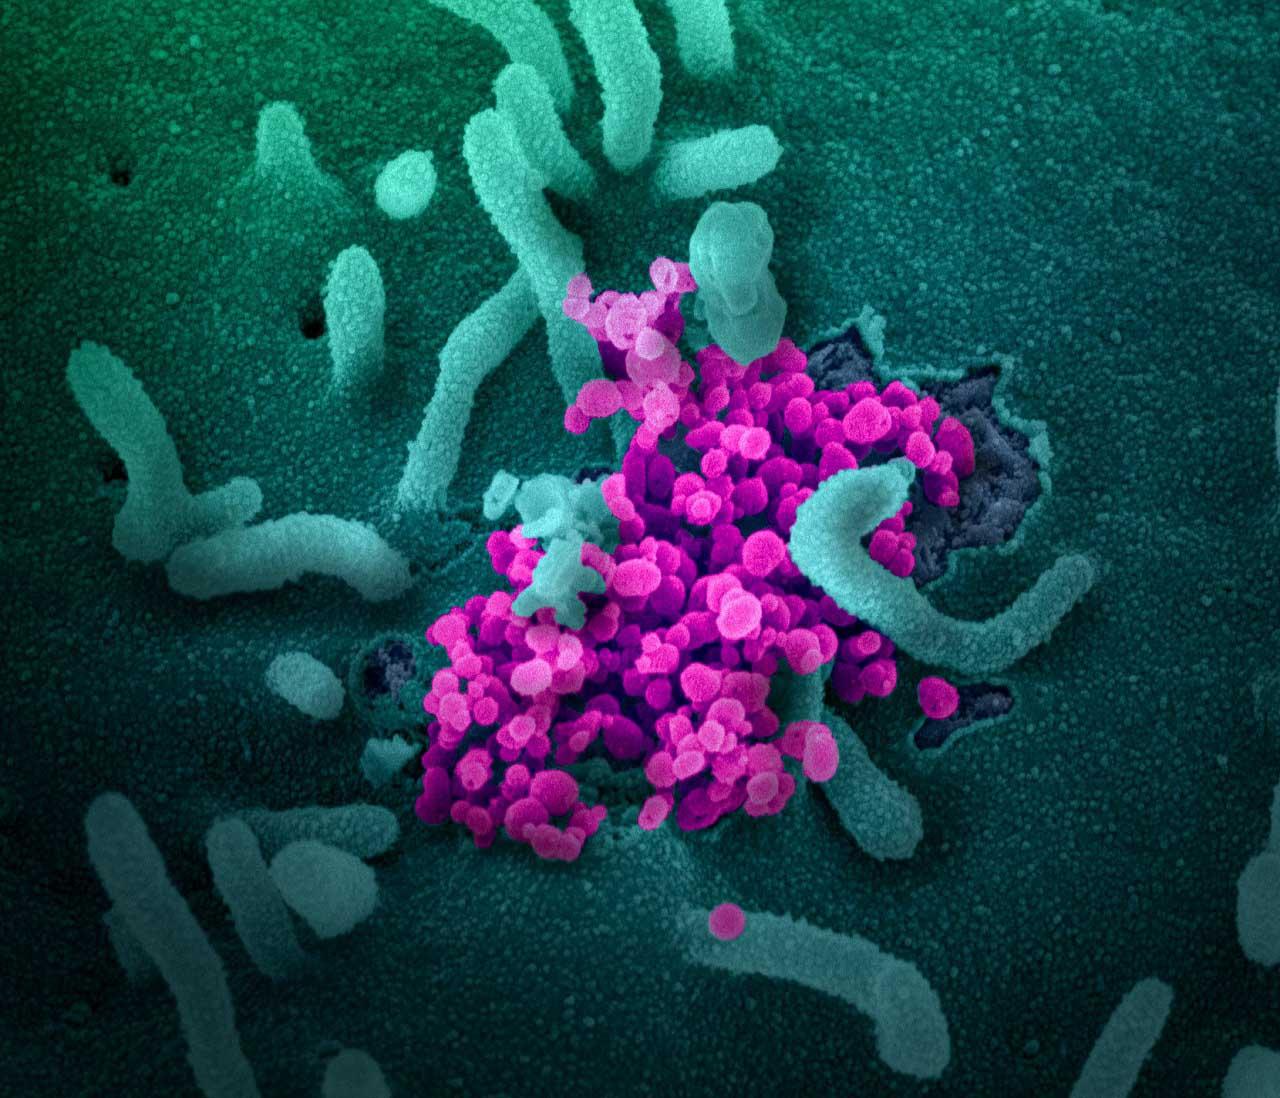 SARS-CoV-2-ის პოტენციური წარმოშობის შესახებ მეცნიერები ახალ მიმოხილვას აქვეყნებენ — #1tvმეცნიერება